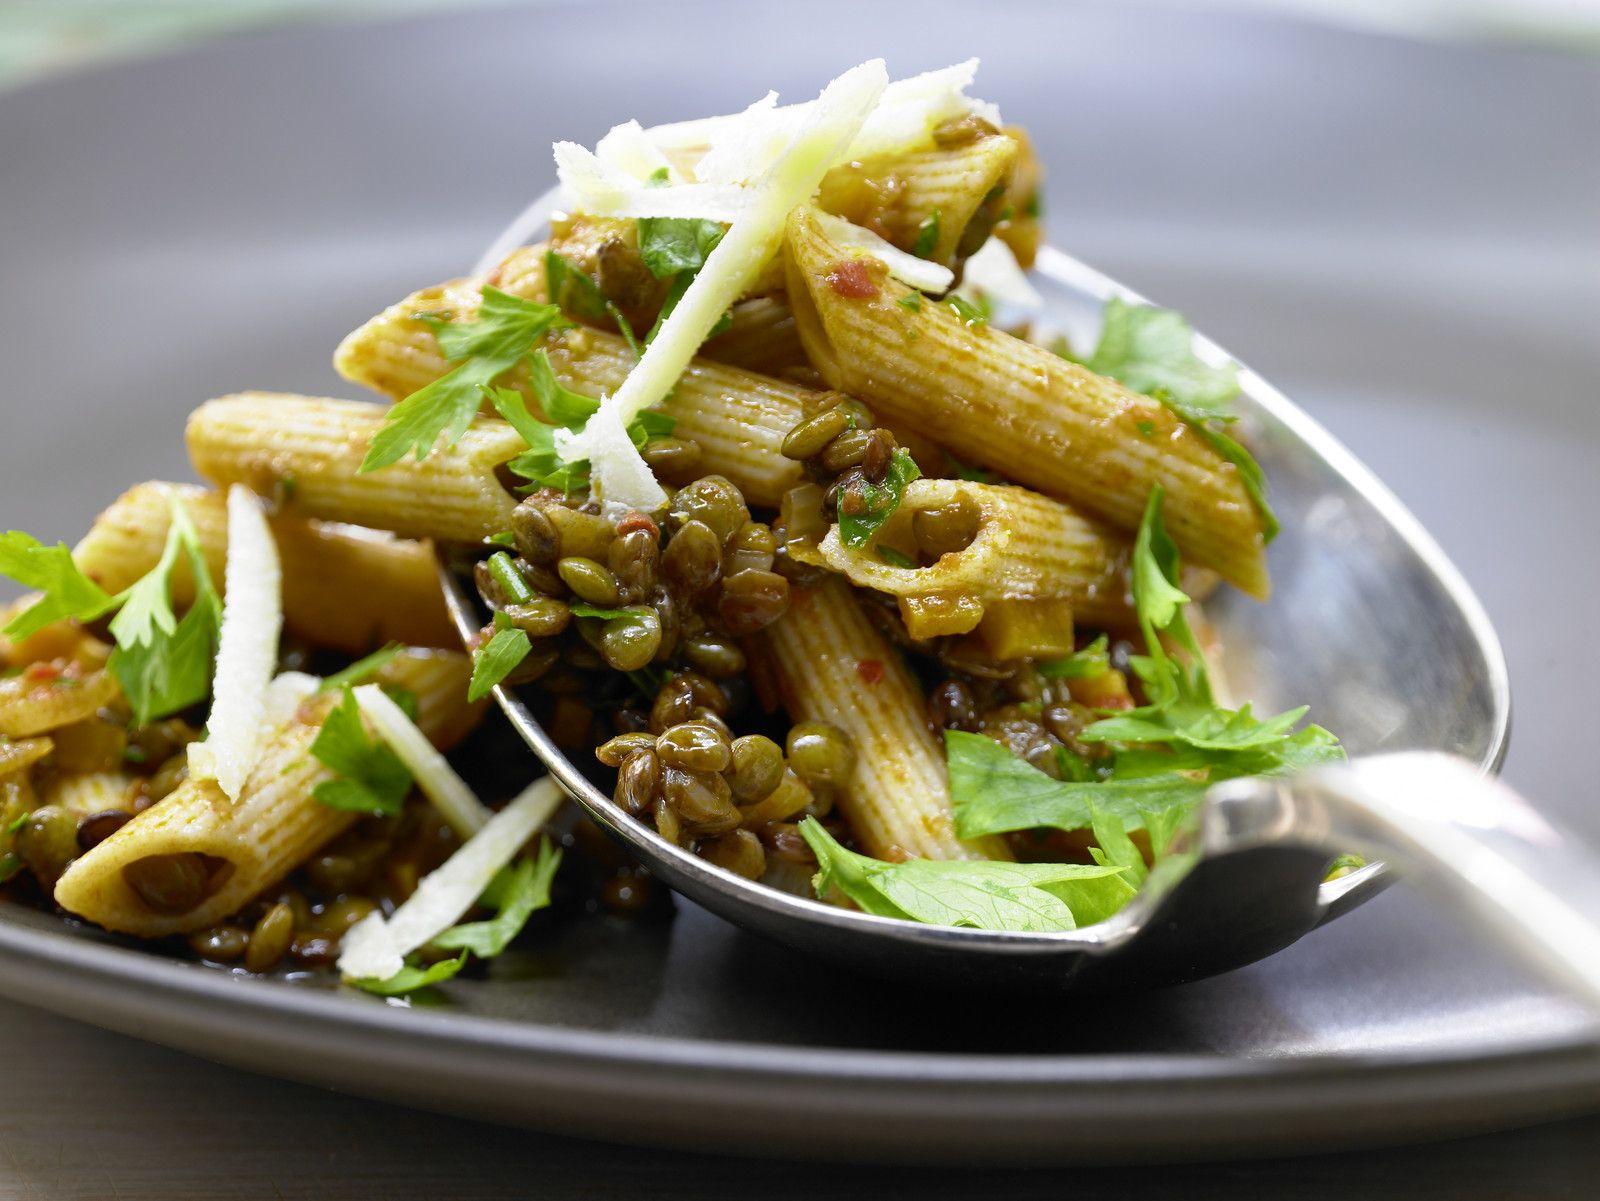 Kochbuch: Eiweißreiche vegetarische Gerichte | EAT SMARTER